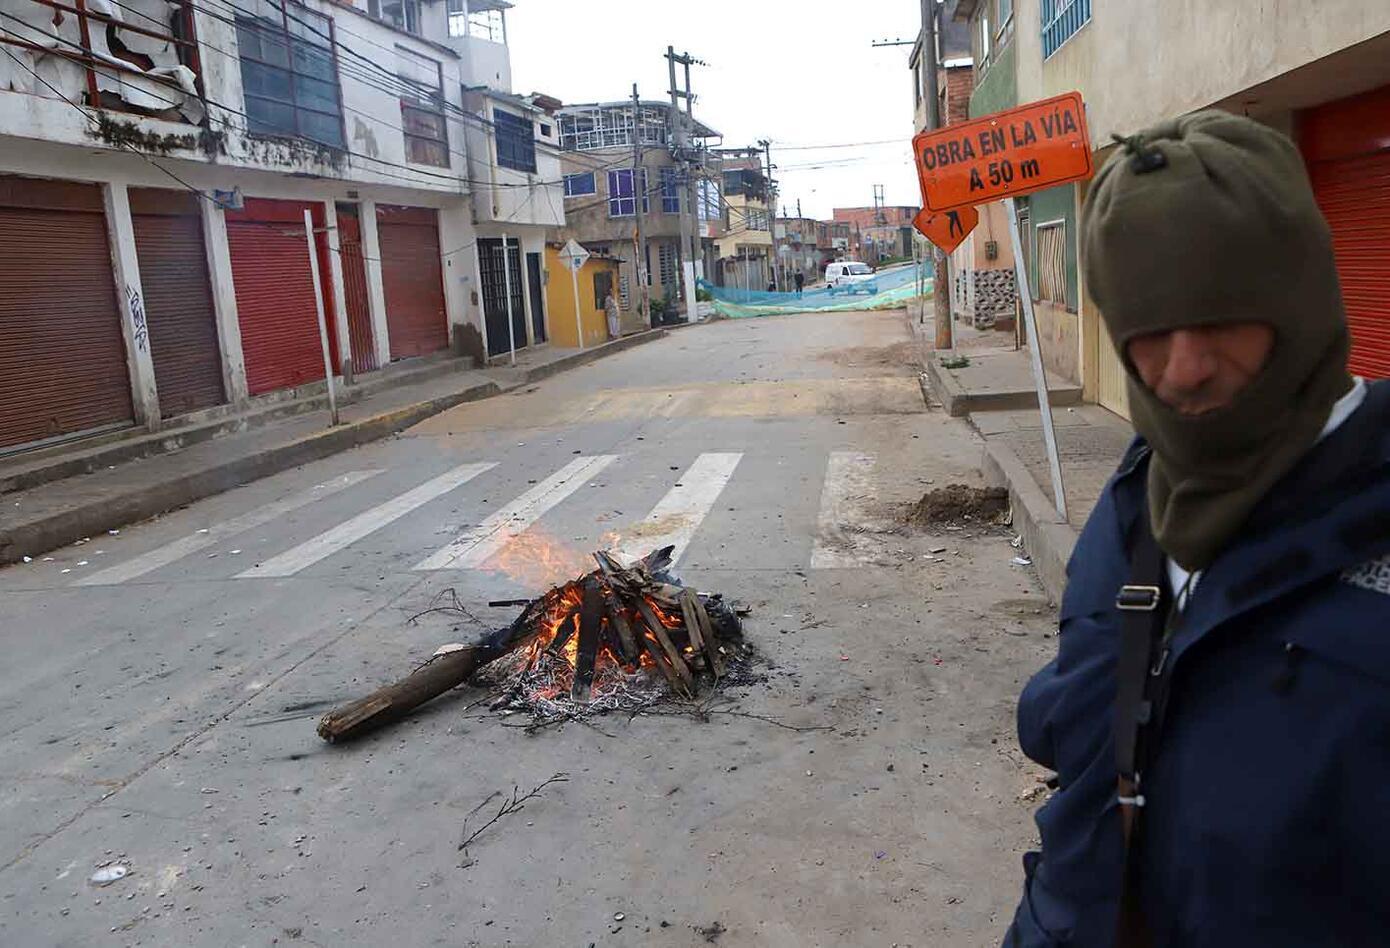 Por parte de la Alcaldía, según los manifestantes, no han recibido apoyo.